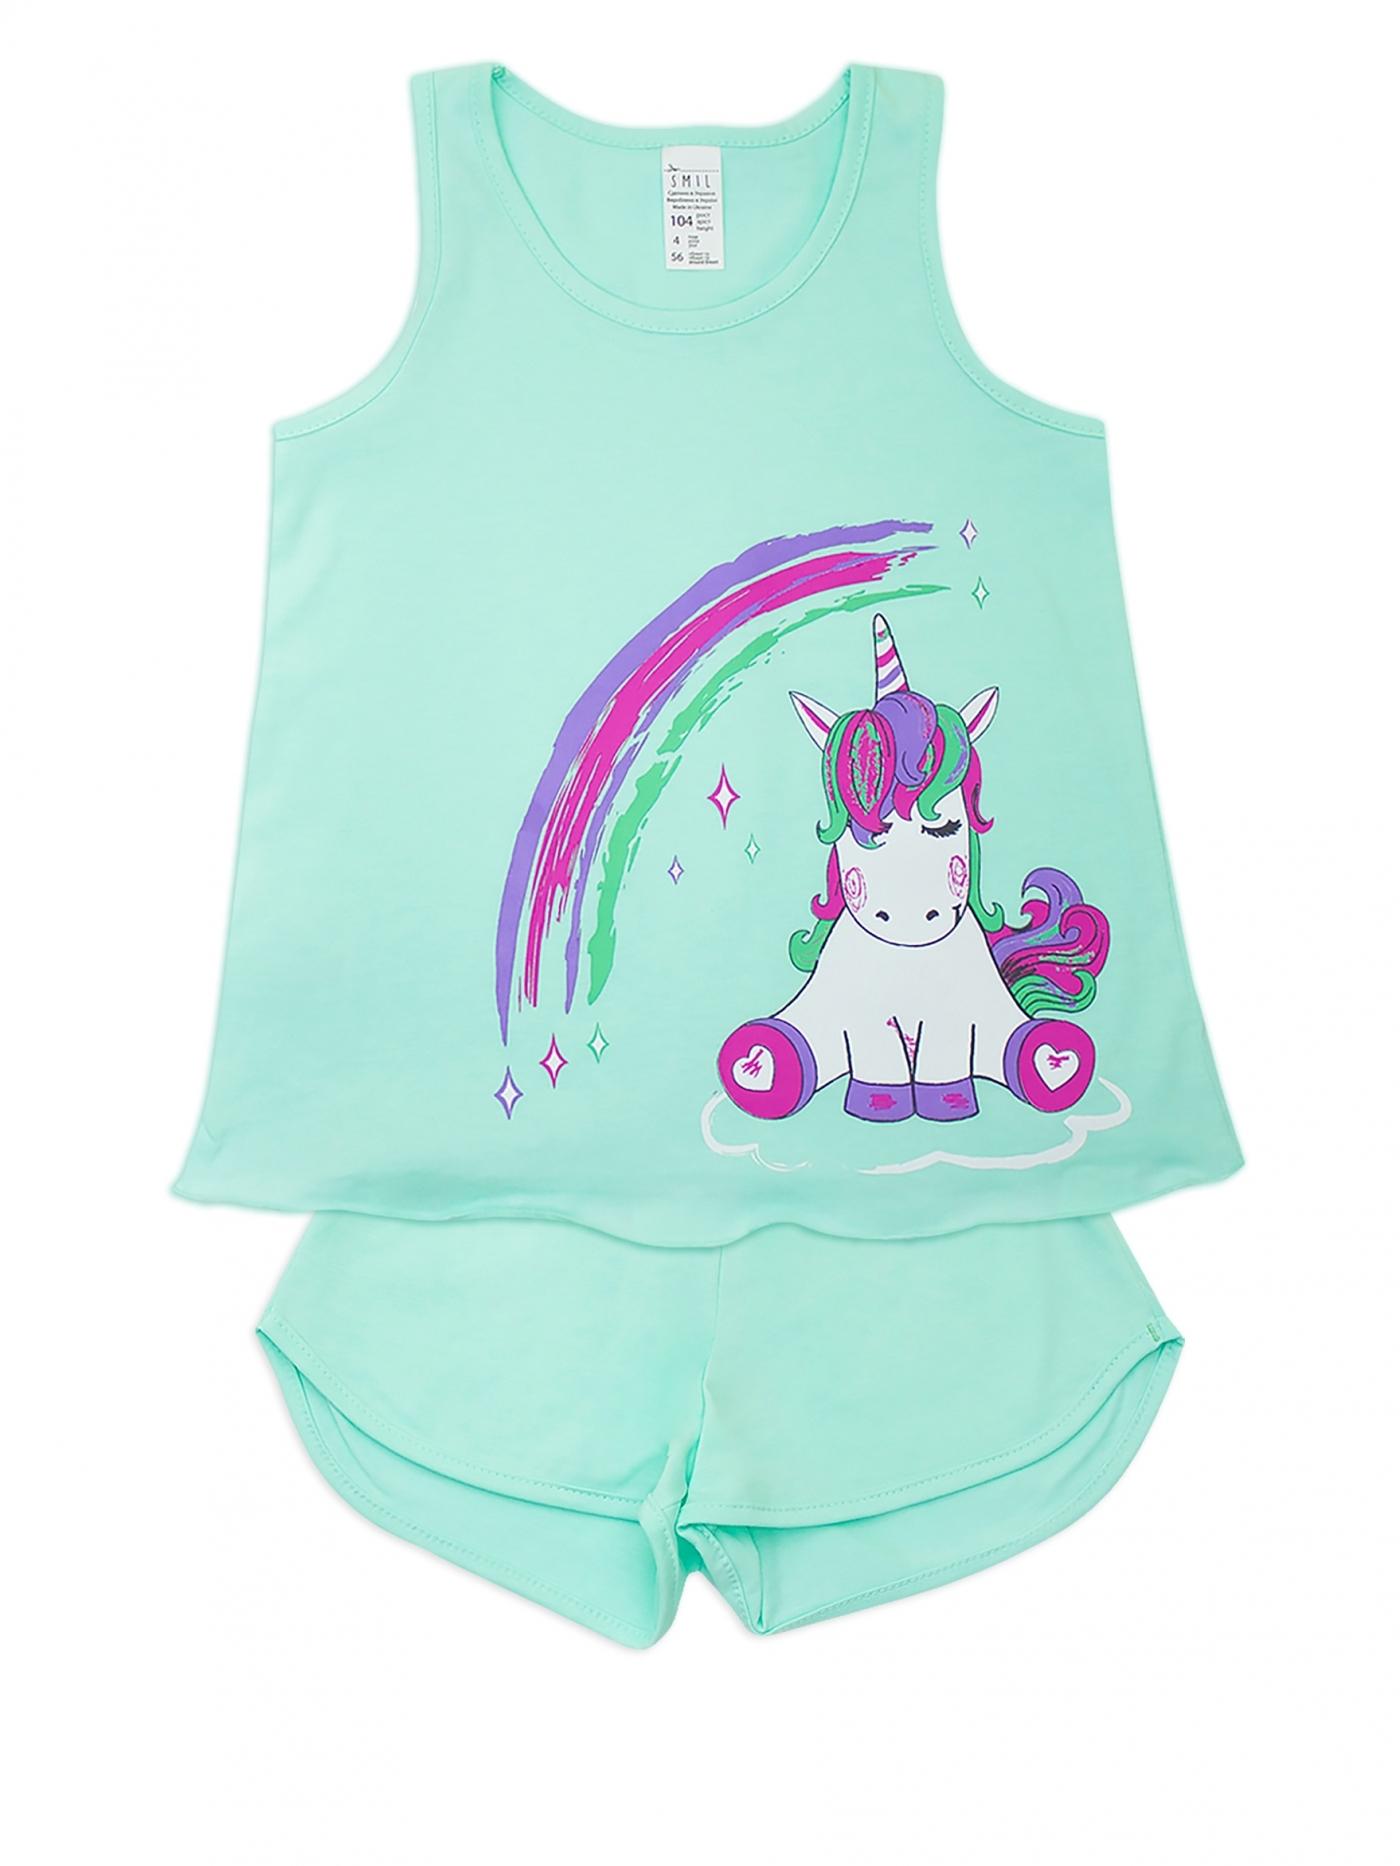 Пижама для девочки, арт. 104380, возраст от 2 до 6 лет